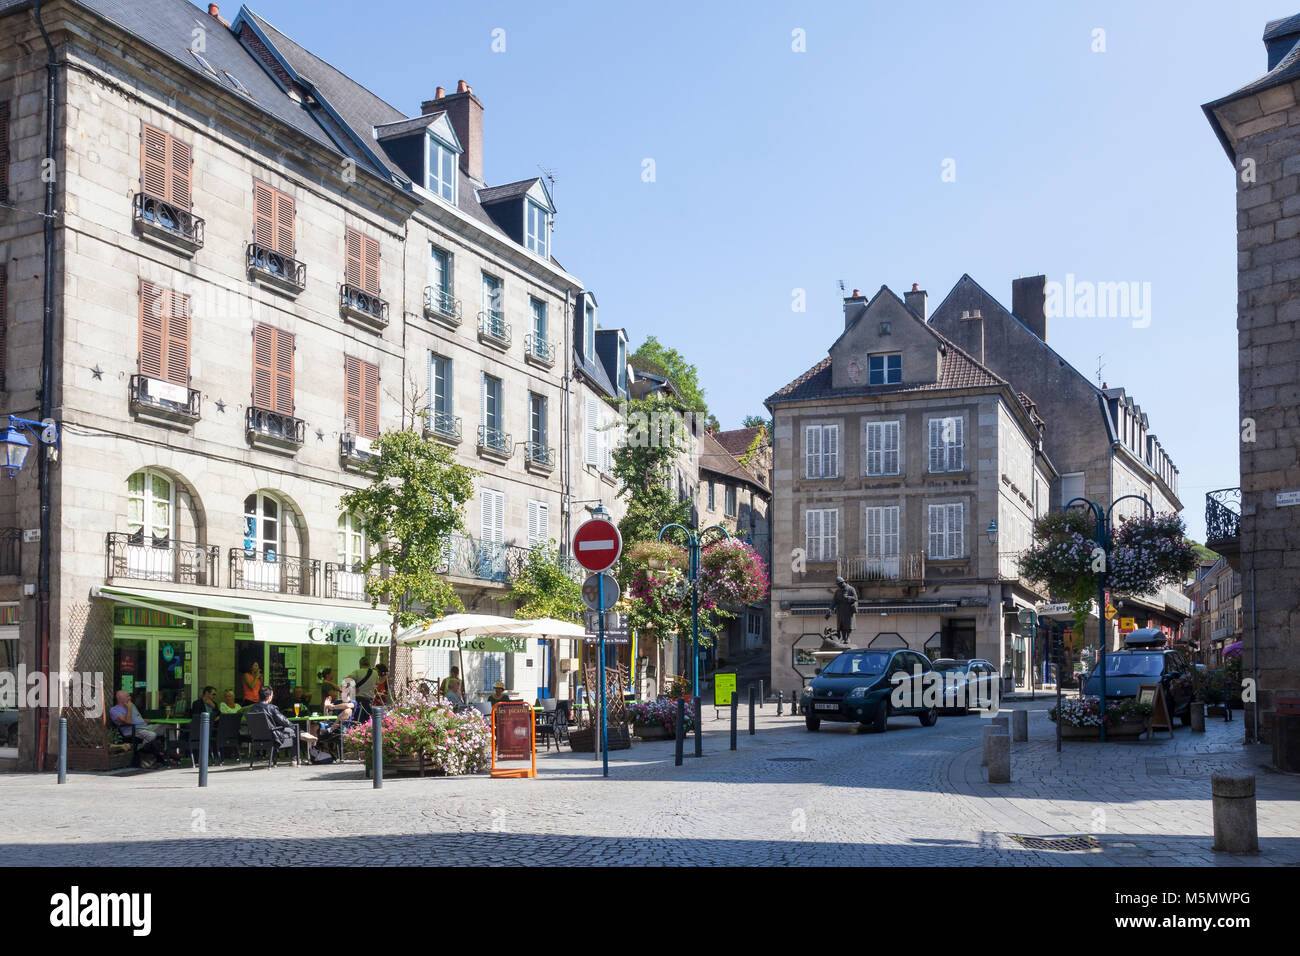 Zentrum von Aubusson, Nouvelle-Aquitaine, Frankreich, im Herzen des 550 Jahre alten französischen Wandteppich Stockbild